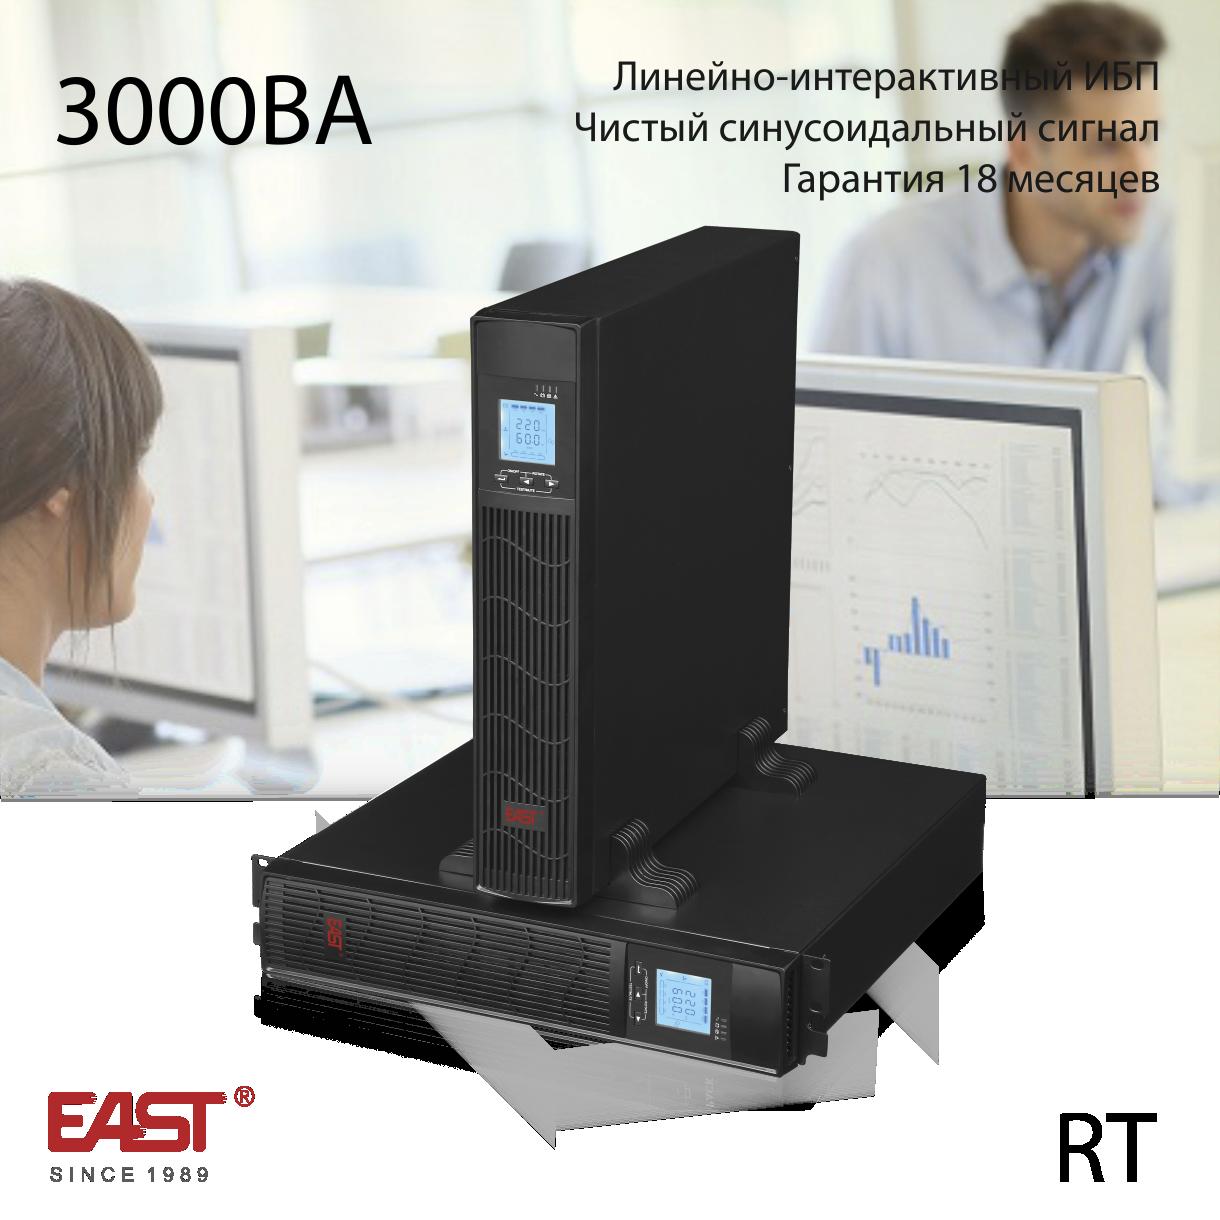 Источник бесперебойного питания, EA600 RT, 3000ВА/2400Вт, в универсальном корпусе RT (башня/стойка)